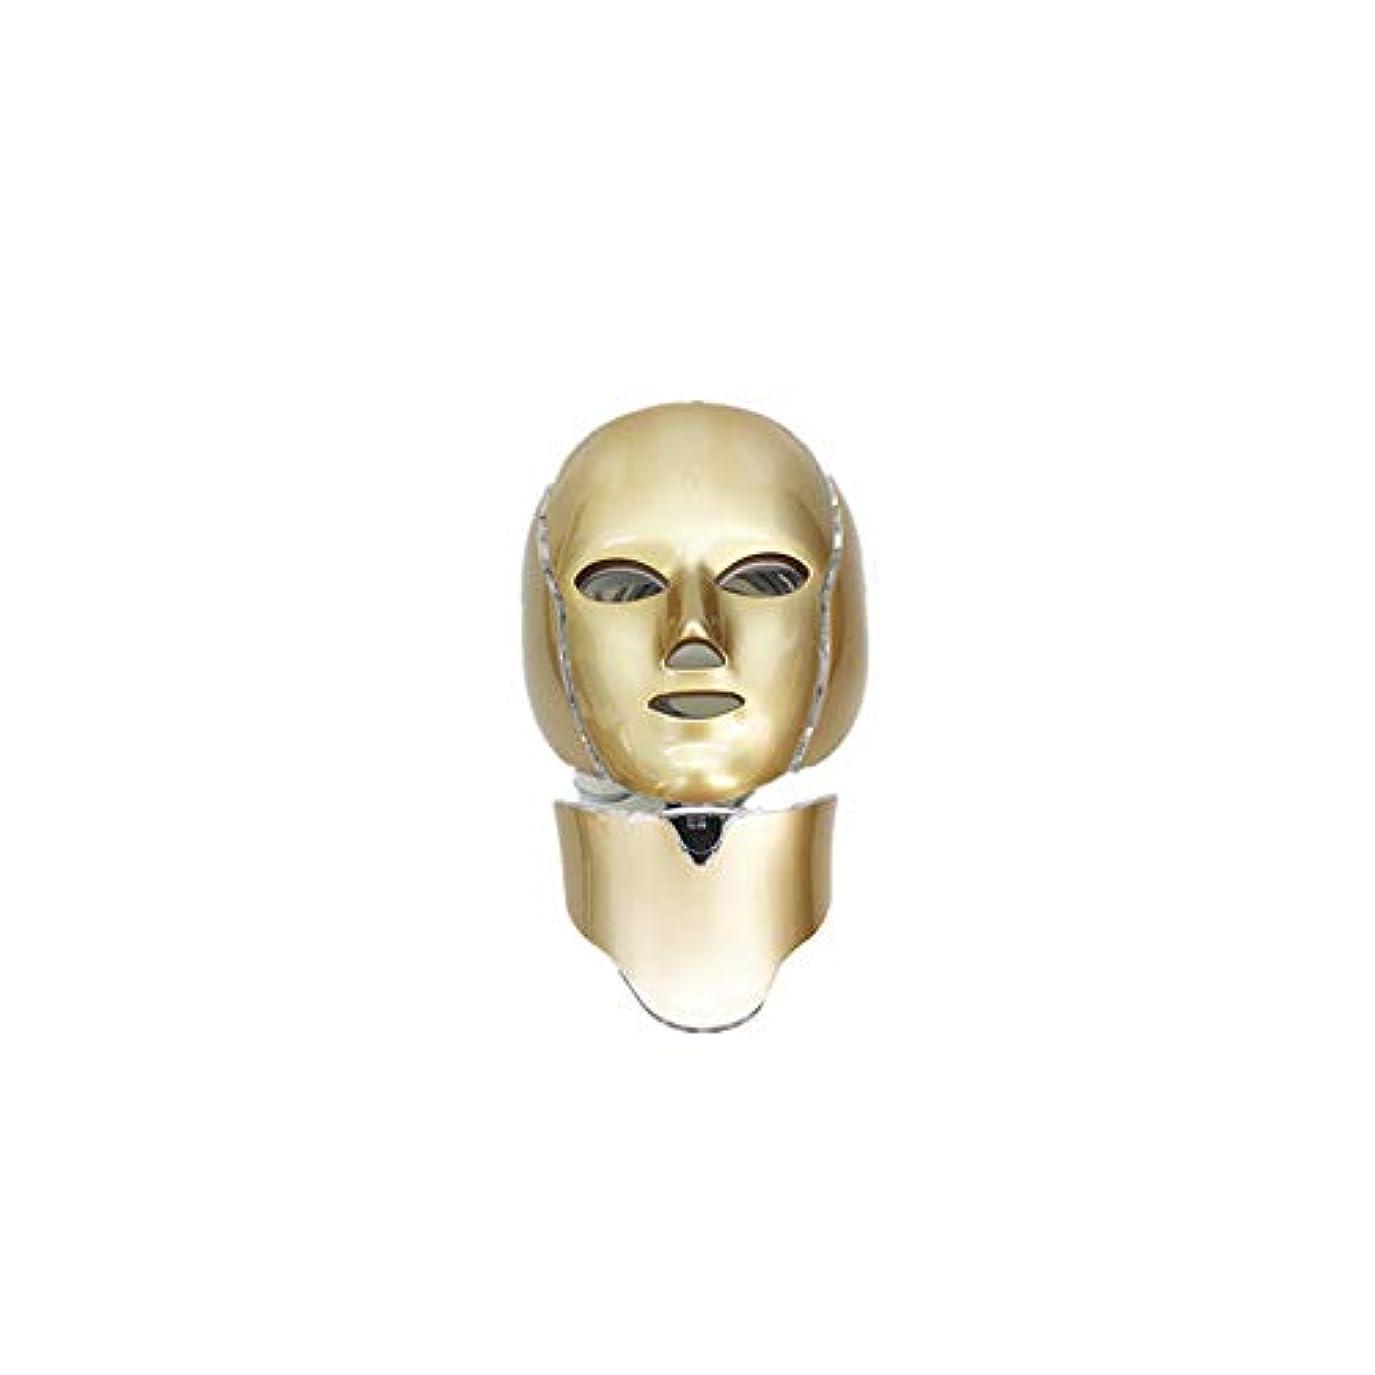 嘆くロンドン口述Onepeak 美肌若返りマイクロ電流マスク楽器ネックネックマスク7色フォトニックニキビ美肌ホーム